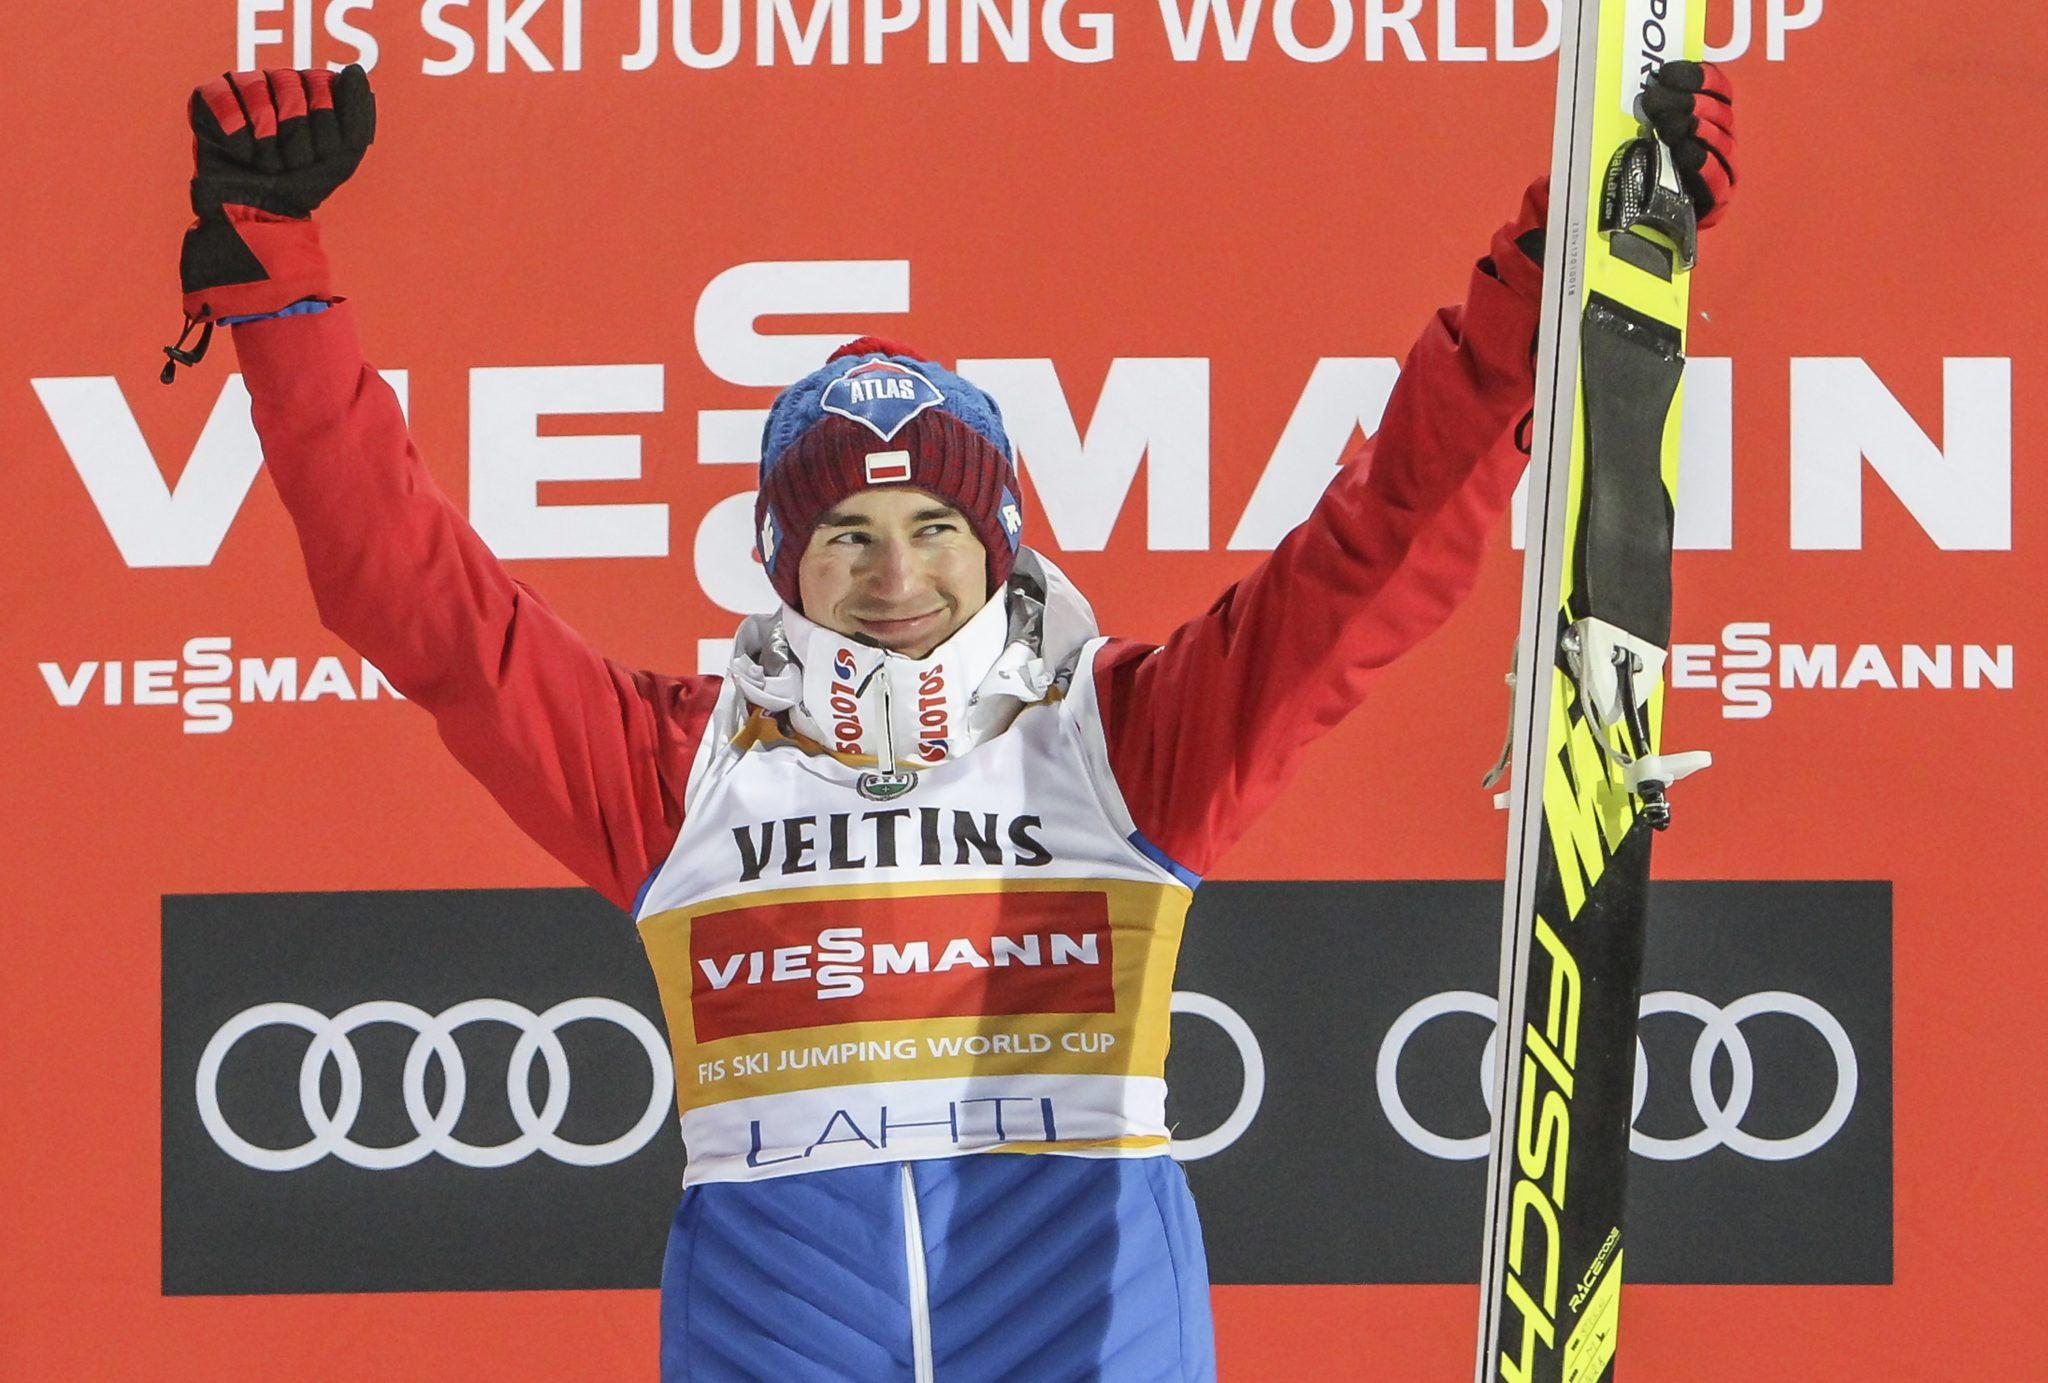 W fenomenalnym stylu Kamil Stoch wygrał konkurs Pucharu Świata w Lahti. To już 27. zwycięstwo Polaka w tym cyklu. W klasyfikacji wszech czasów trzykrotny mistrz olimpijski jest już bardzo blisko Martina Schmitta.fot: Pekka Sipola, PAP/EPA